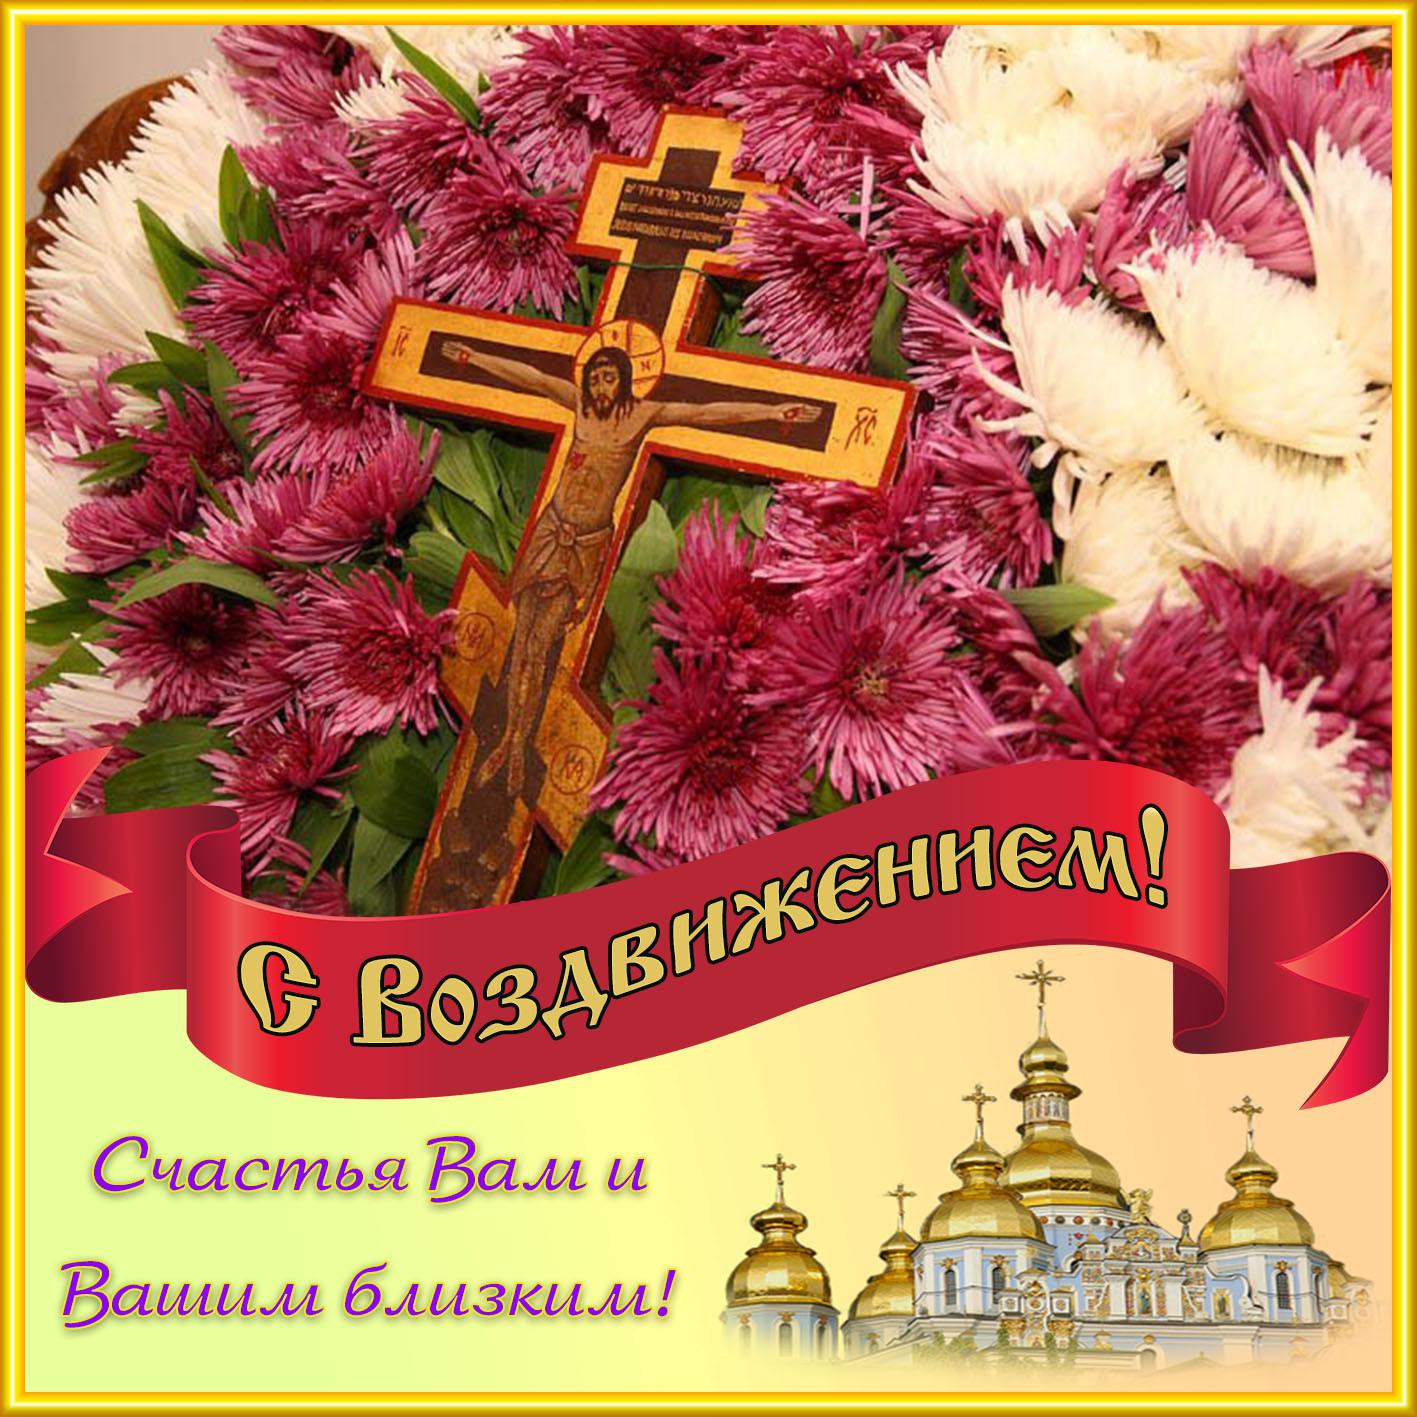 Воздвижение креста господня открытка гиф, белые